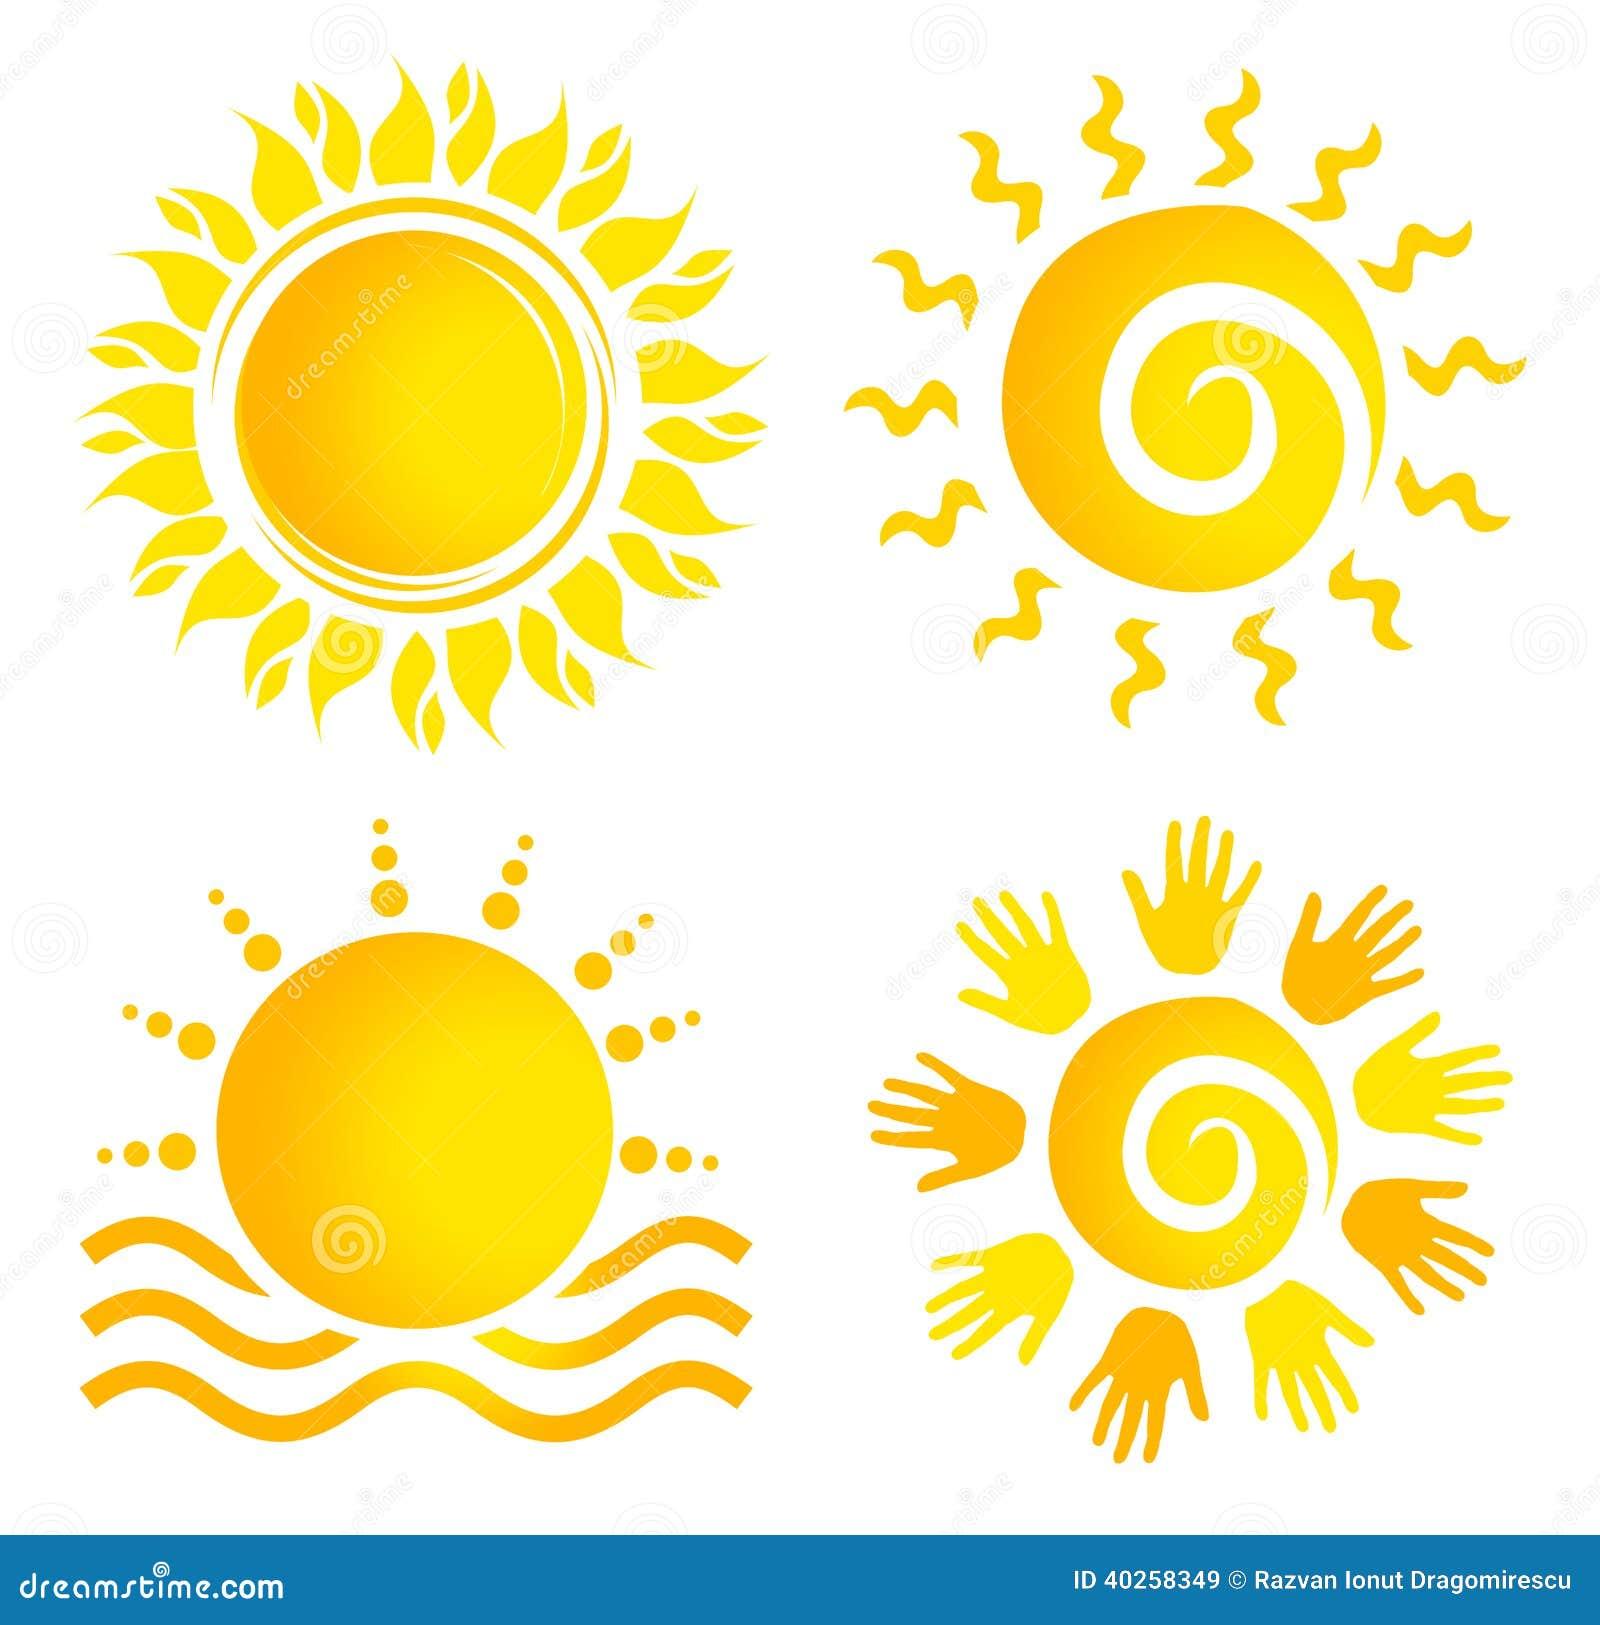 circle logos design